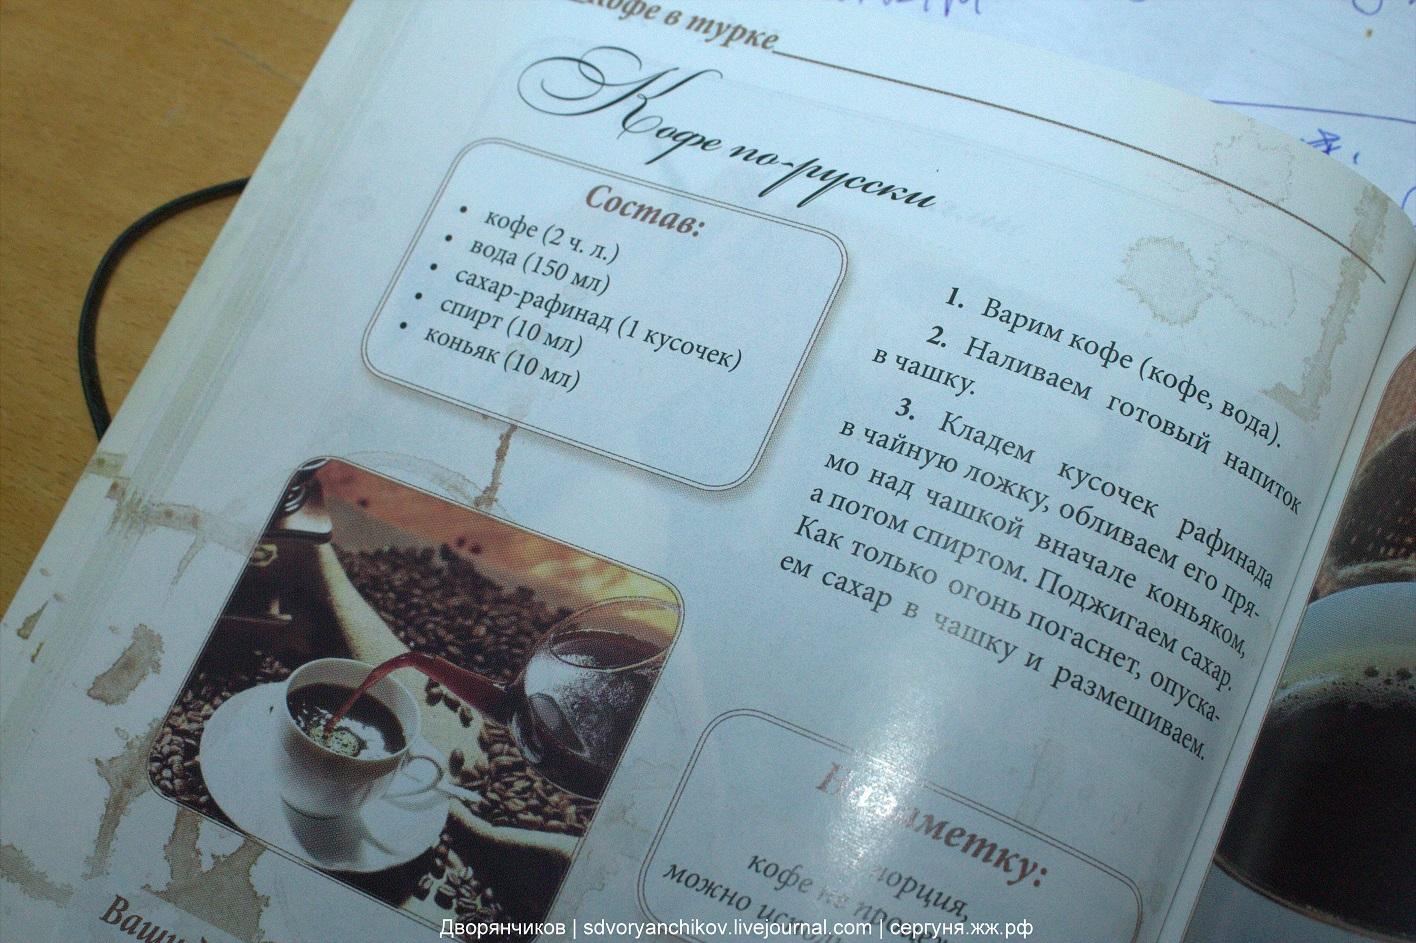 Кофе по-русски. Рецепт из книги Германа Токарева.